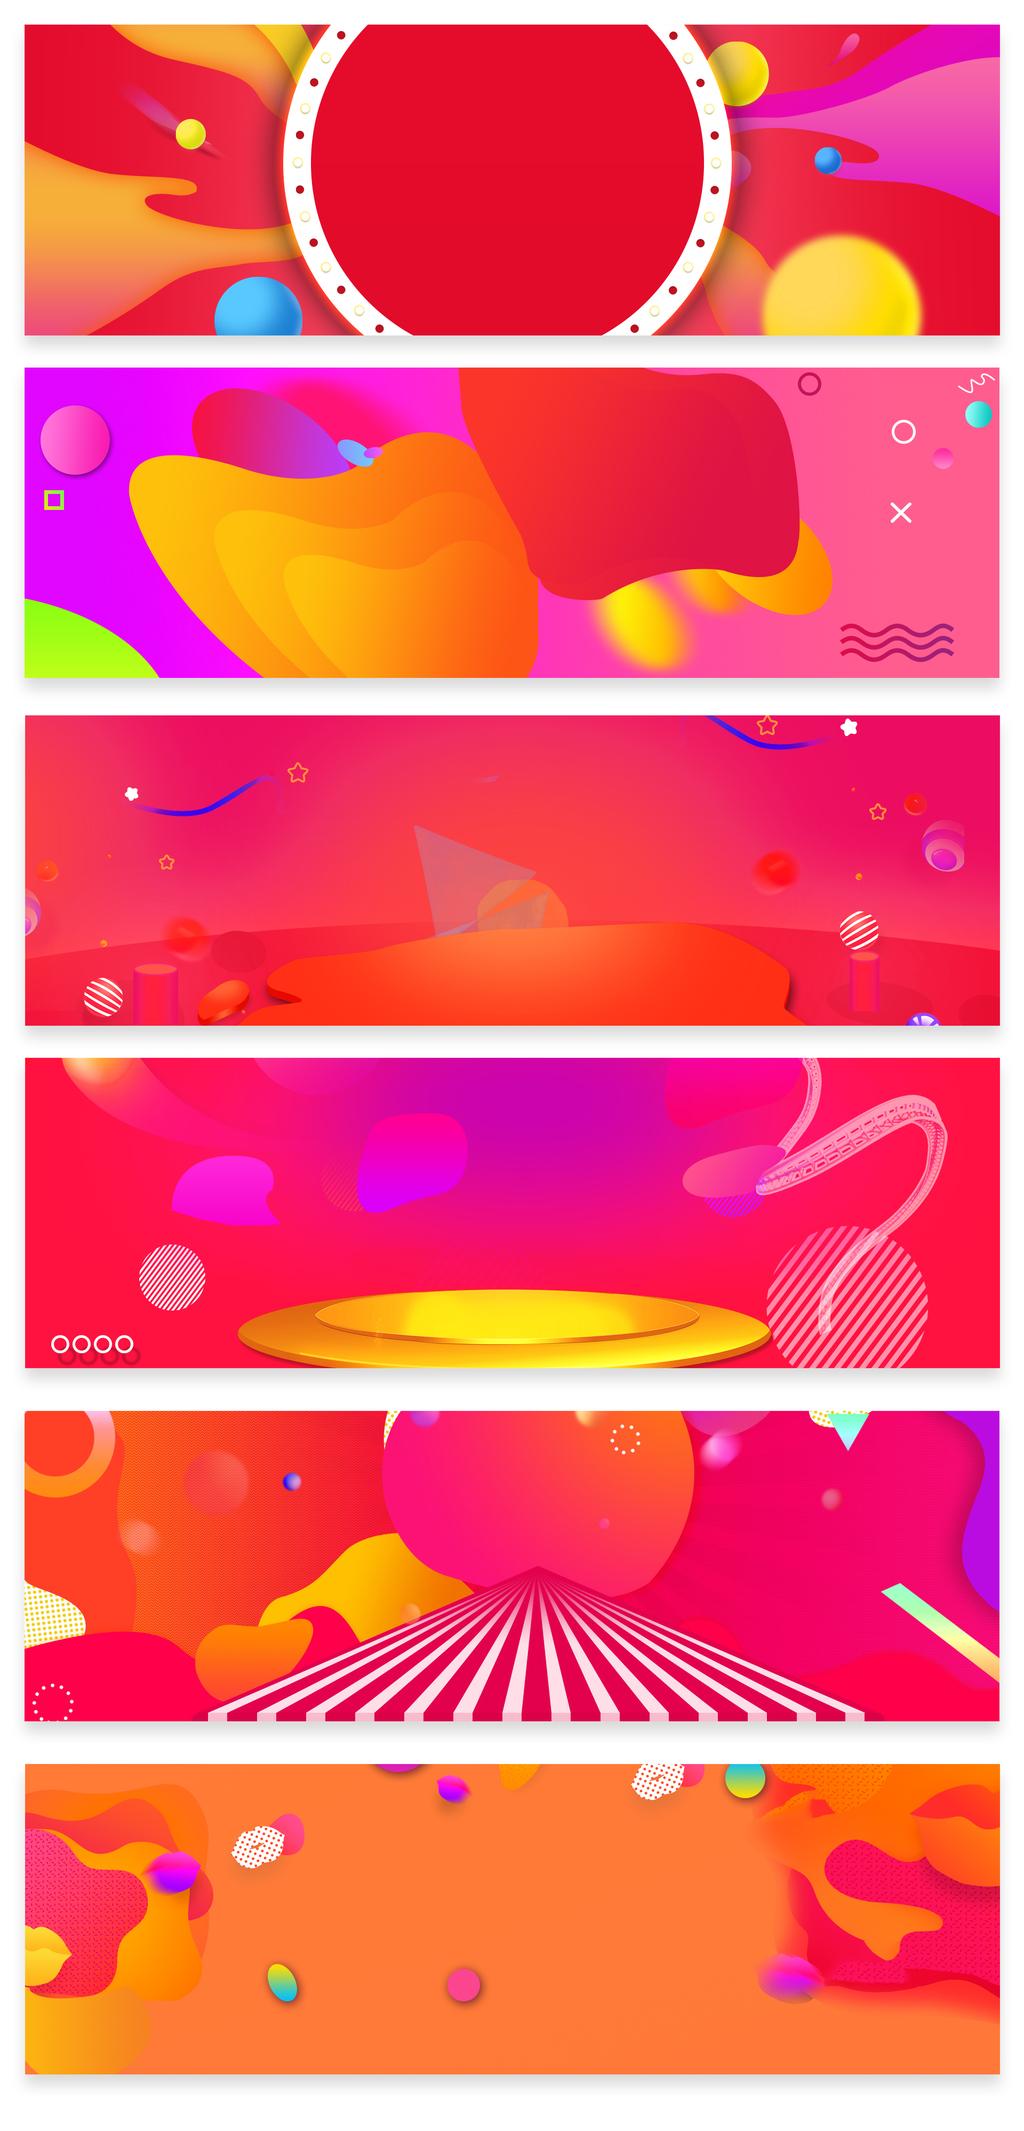 淘宝天猫双十一活动海报背景设计素材图片